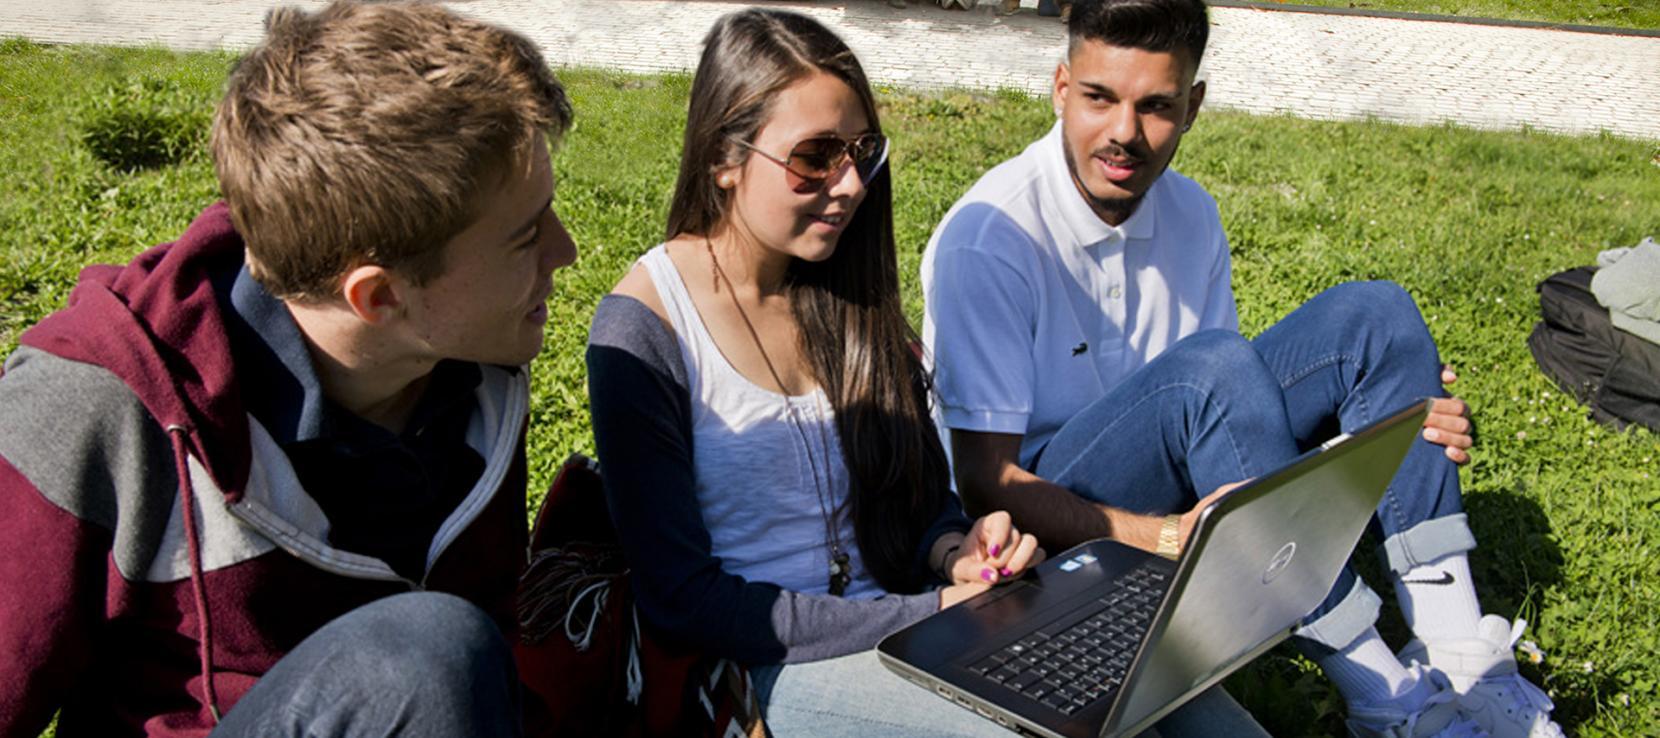 Groupe d'étudiants sur l'esplanade avec ordinateur